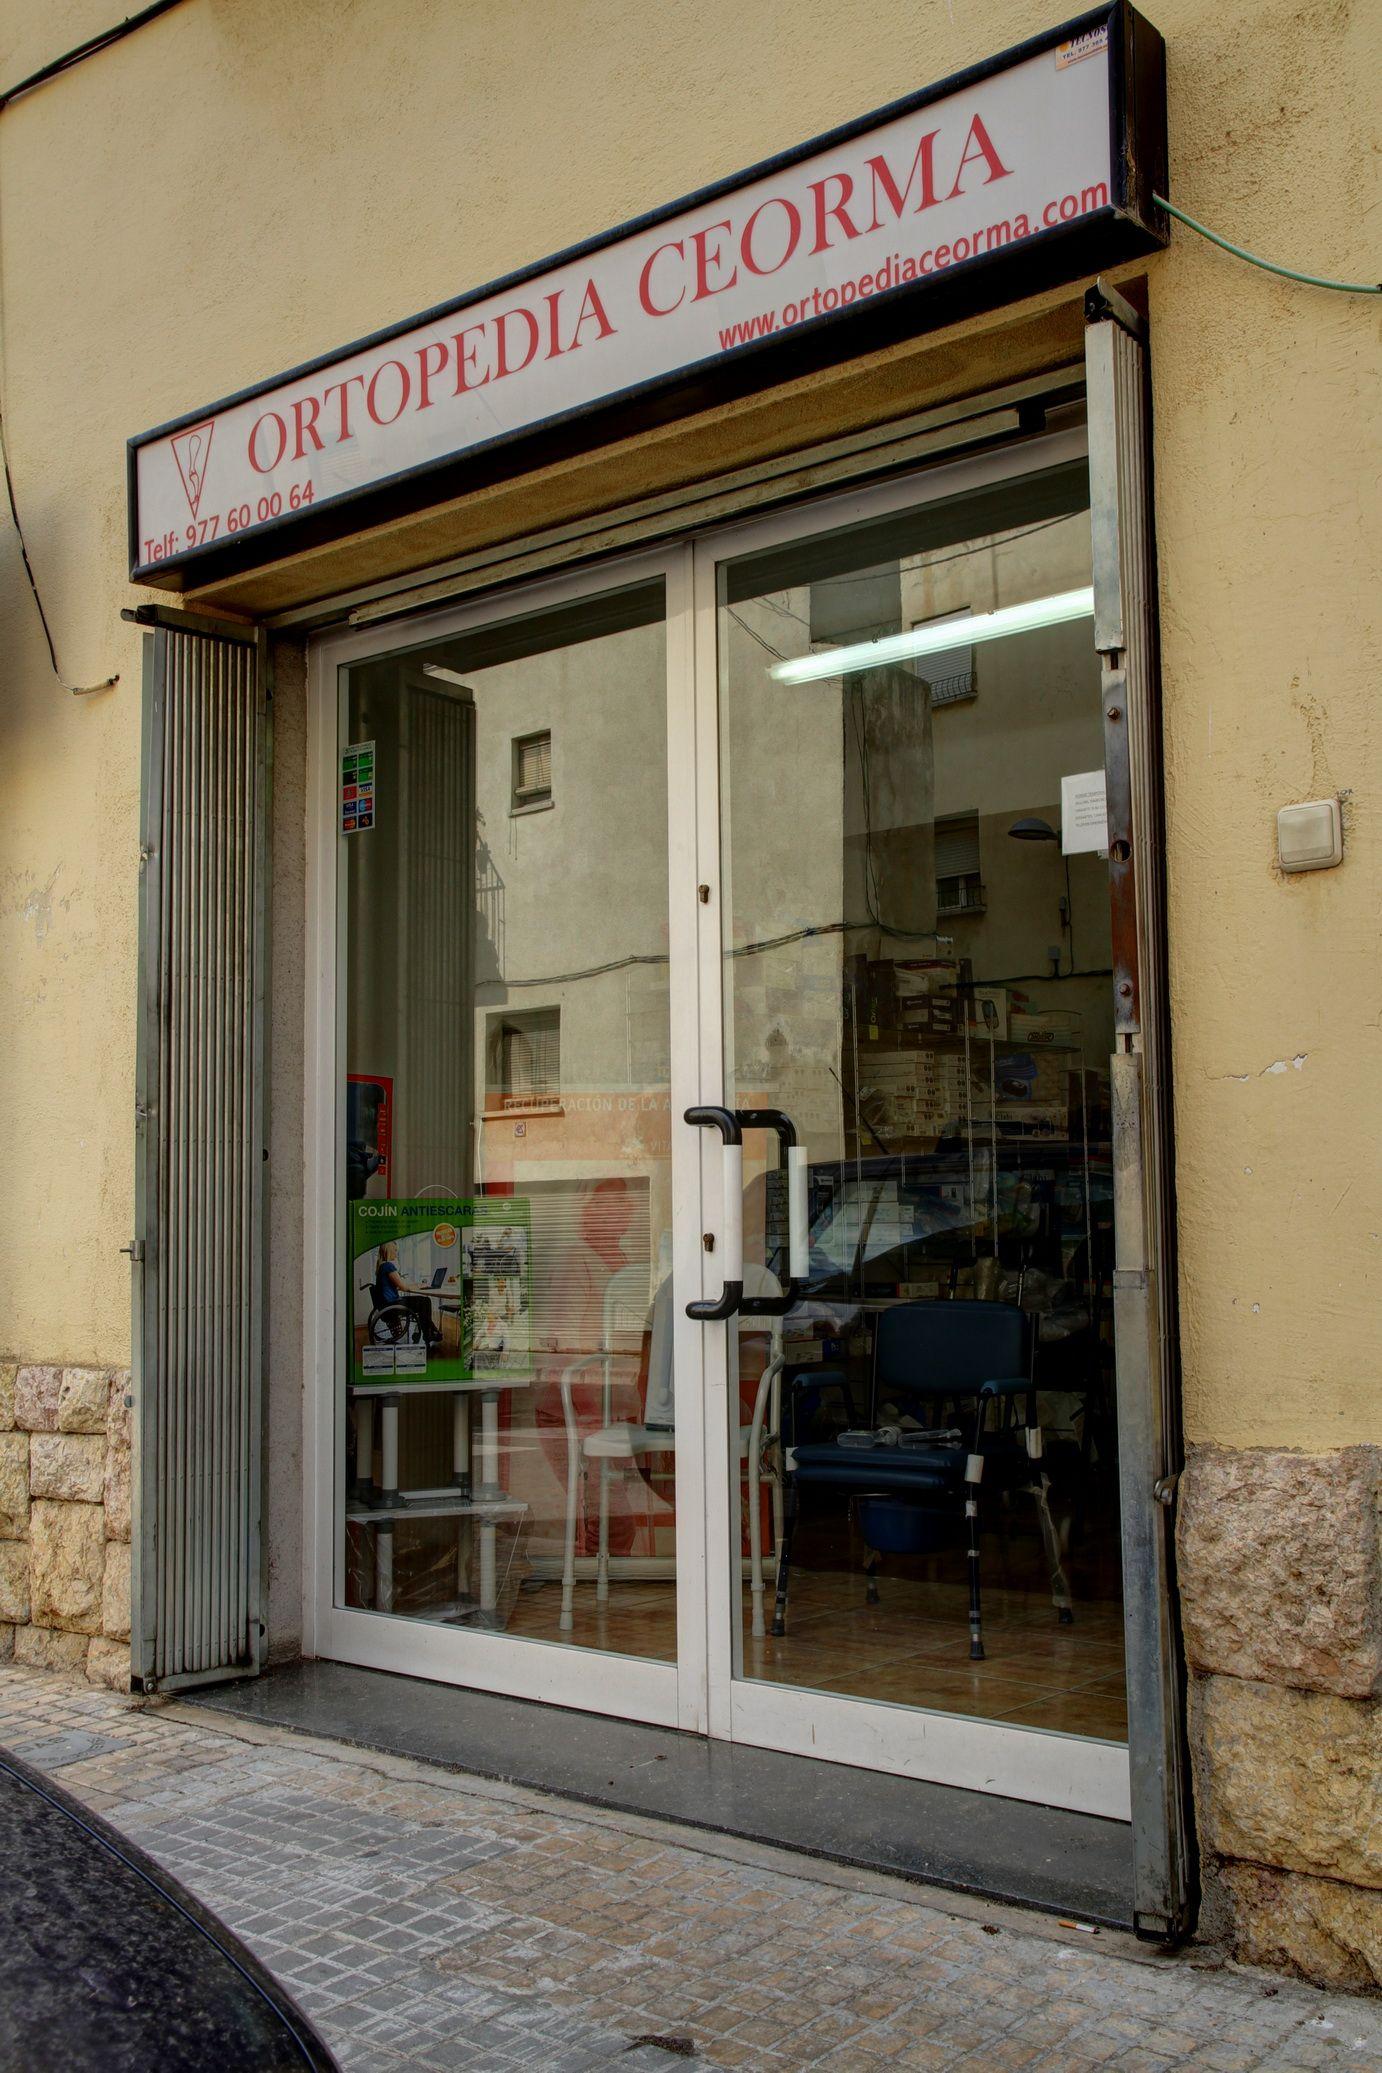 Foto 24 de Ortopedia en Tarragona | Ceorma, S.L.